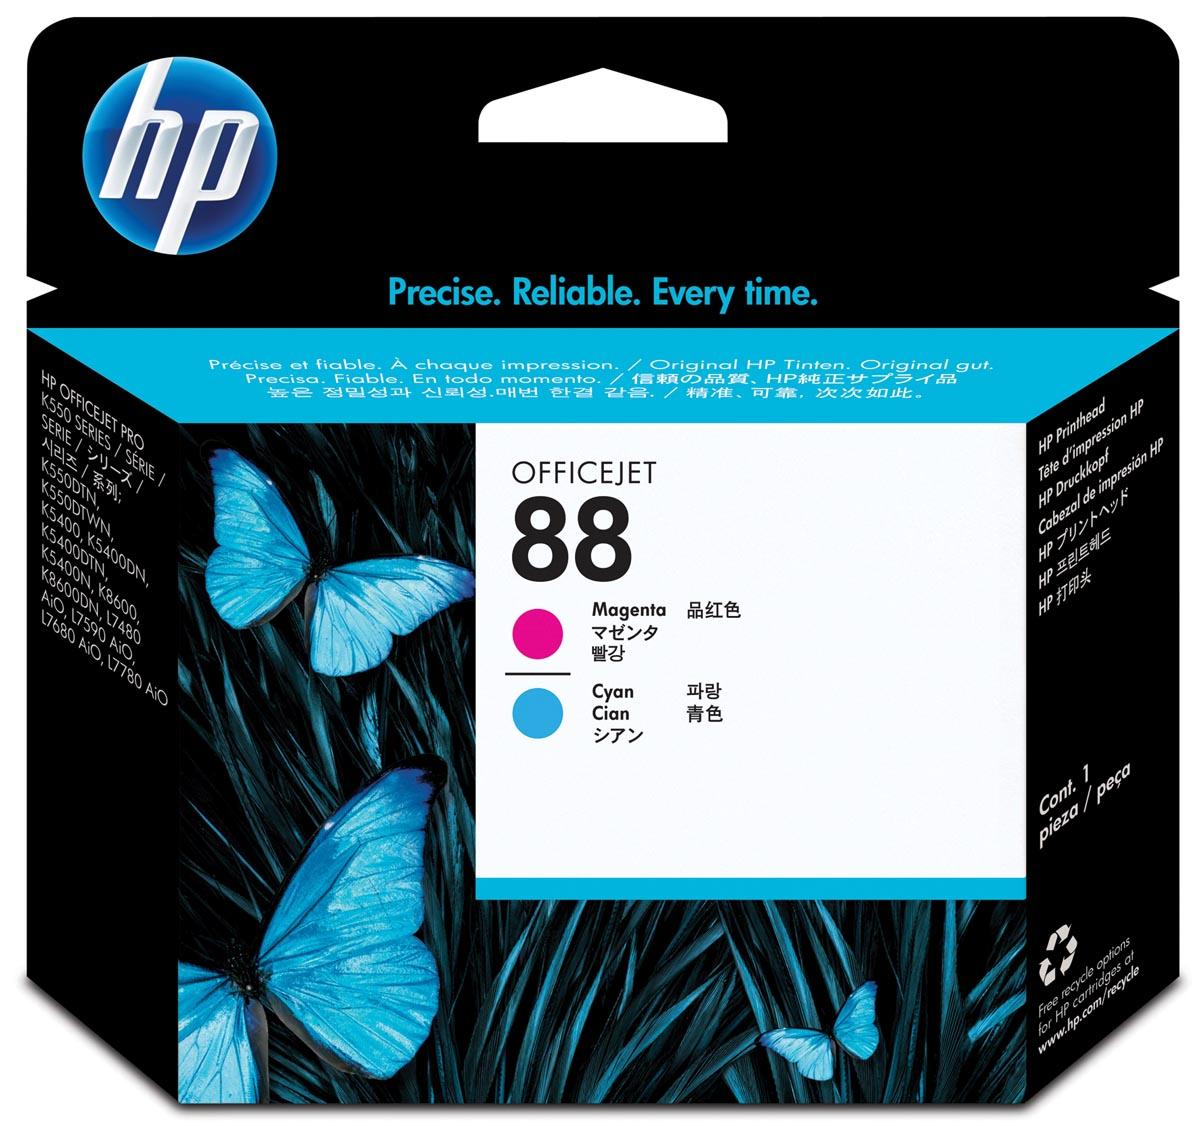 HP printkop 88, 9 000 paginas, OEM C9382A, cyaan-magenta